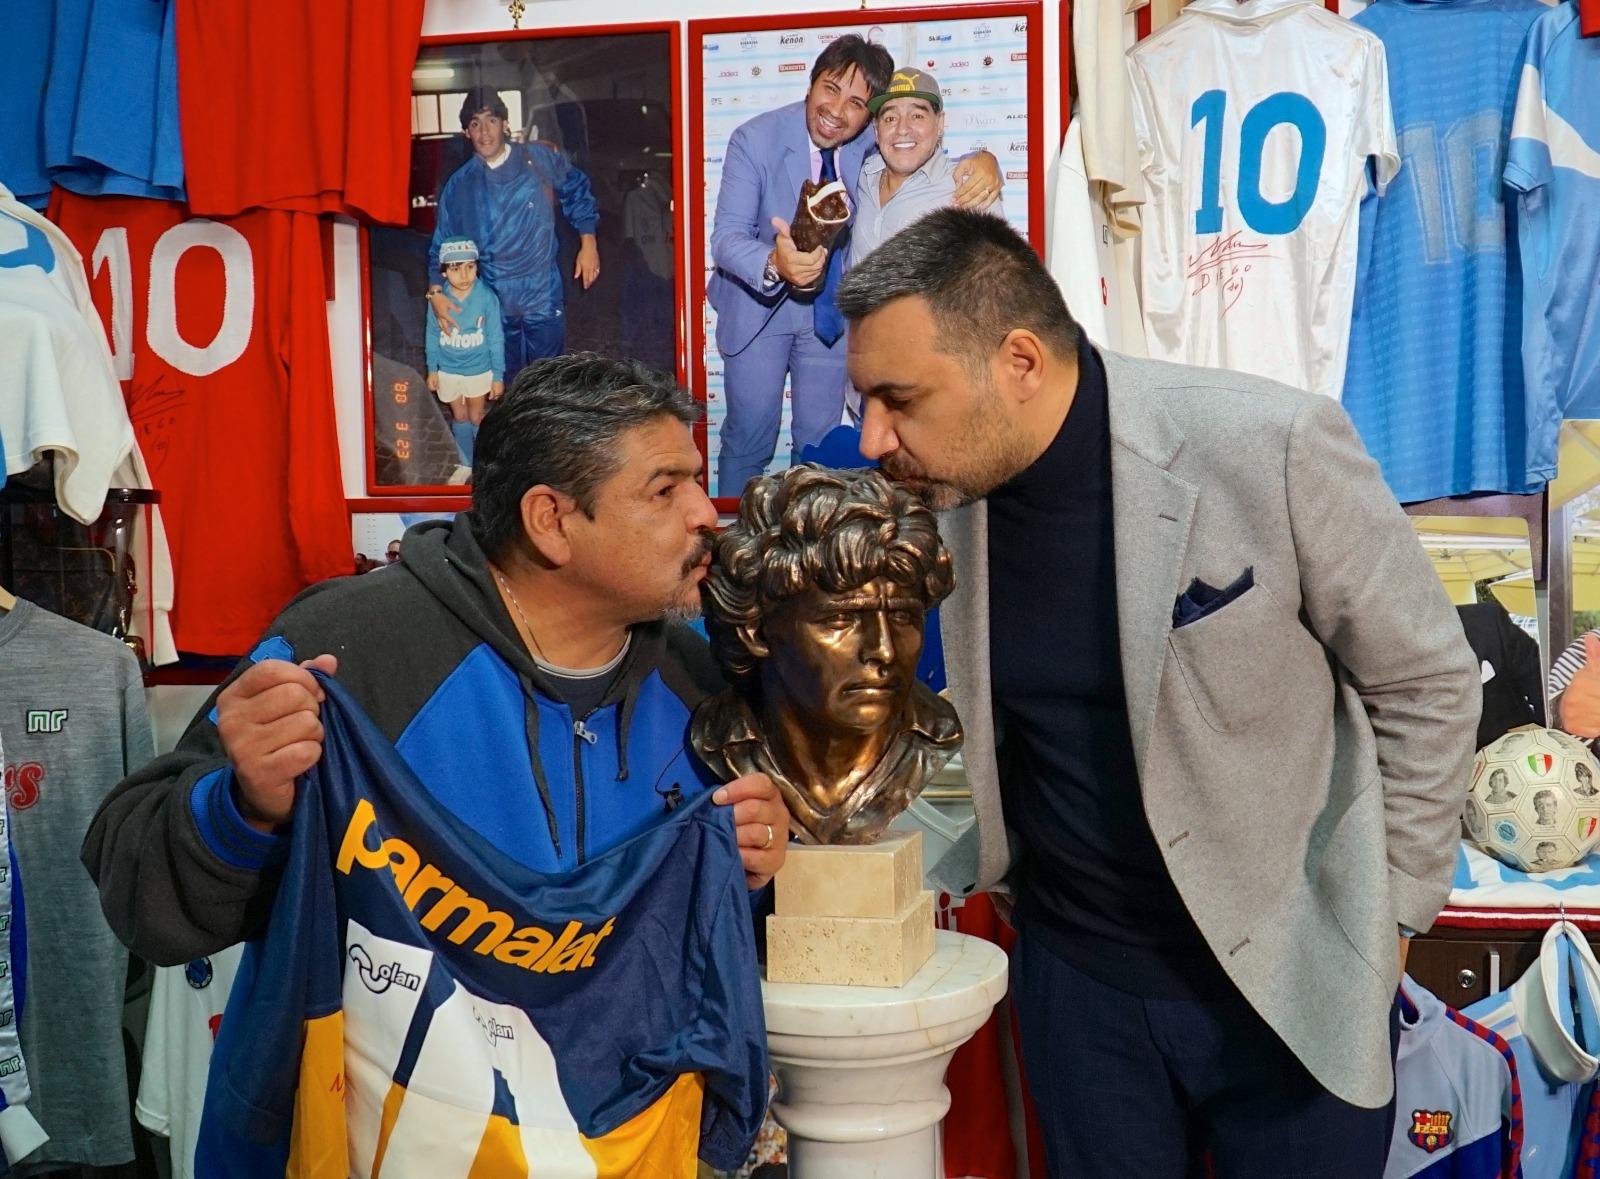 Luise ed Ugo Maradona